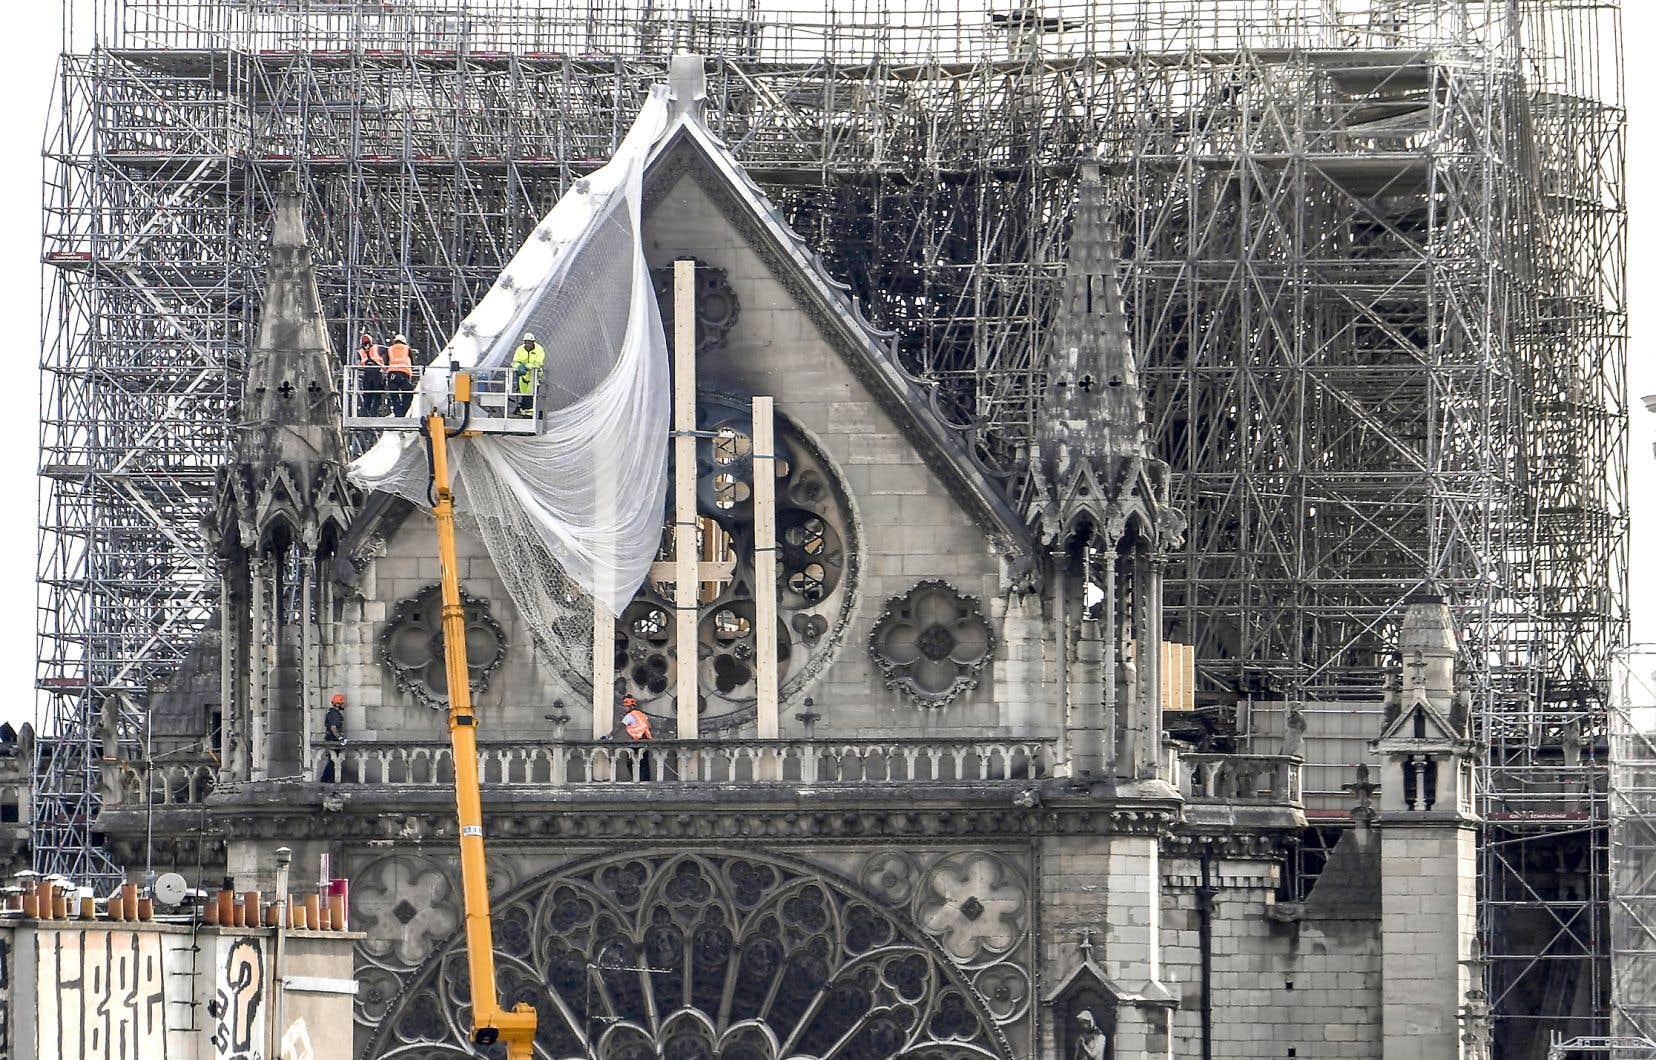 Les murs fragiles de la cathédrale Notre-Dame de Paris ont été recouverts de planches de bois pour les stabiliser.